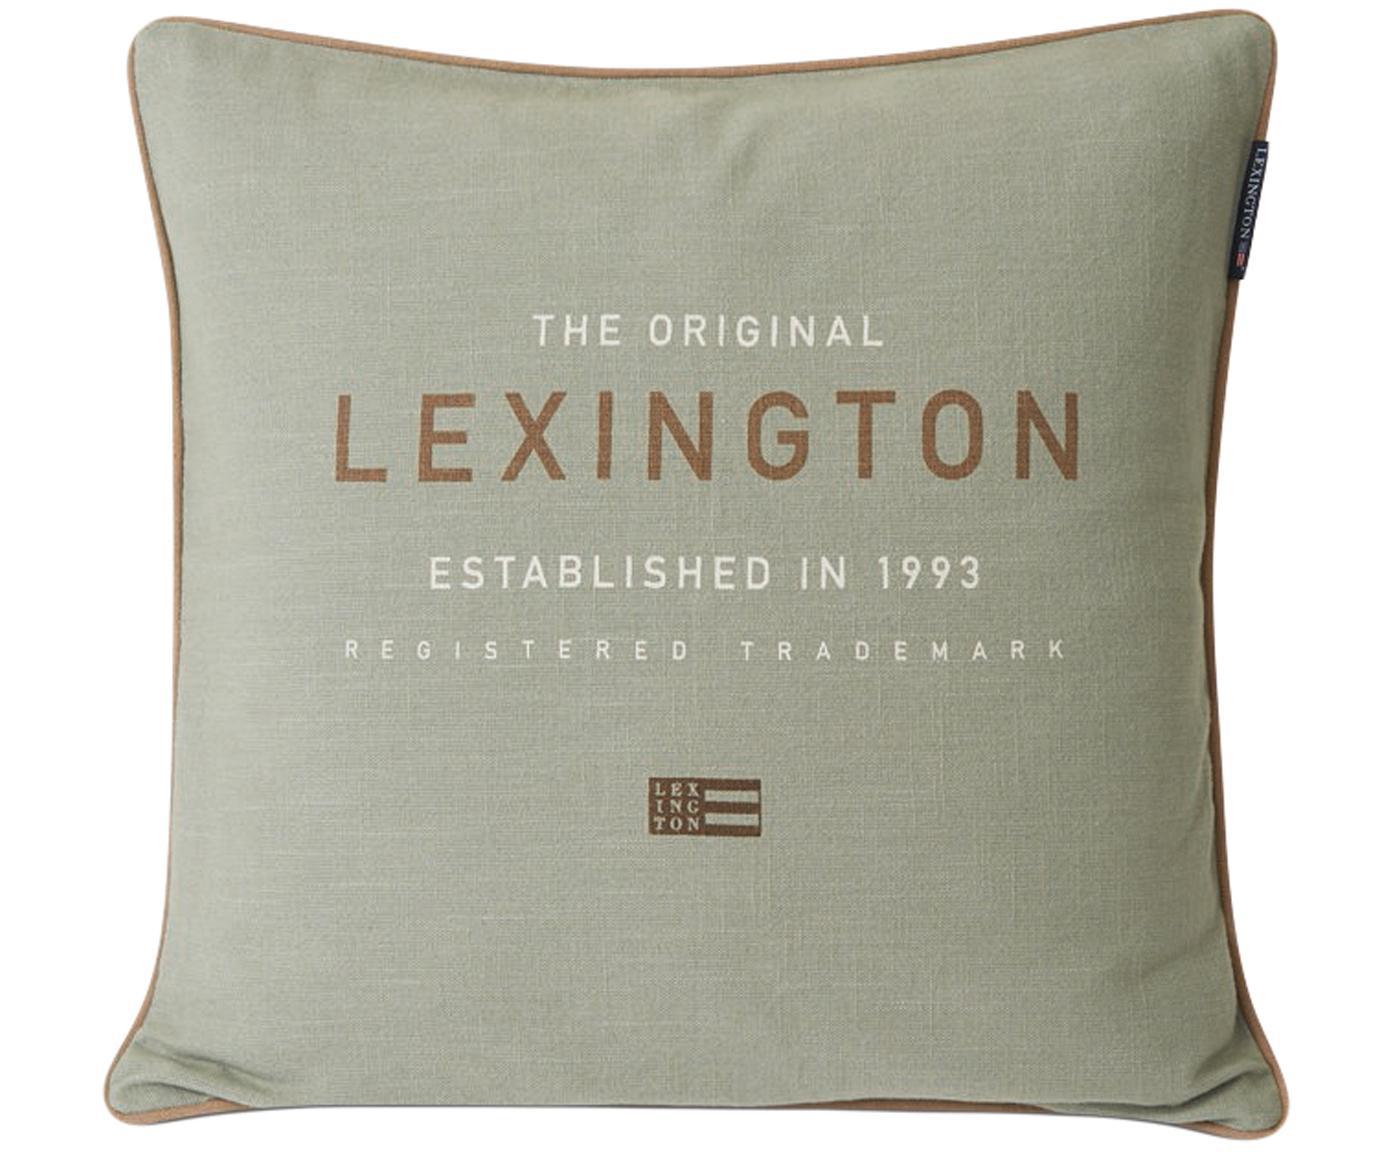 Poszewka na poduszkę z lamówką Grena, 100% bawełna, Szałwiowy zielony, brązowy, biały, S 50 x D 50 cm